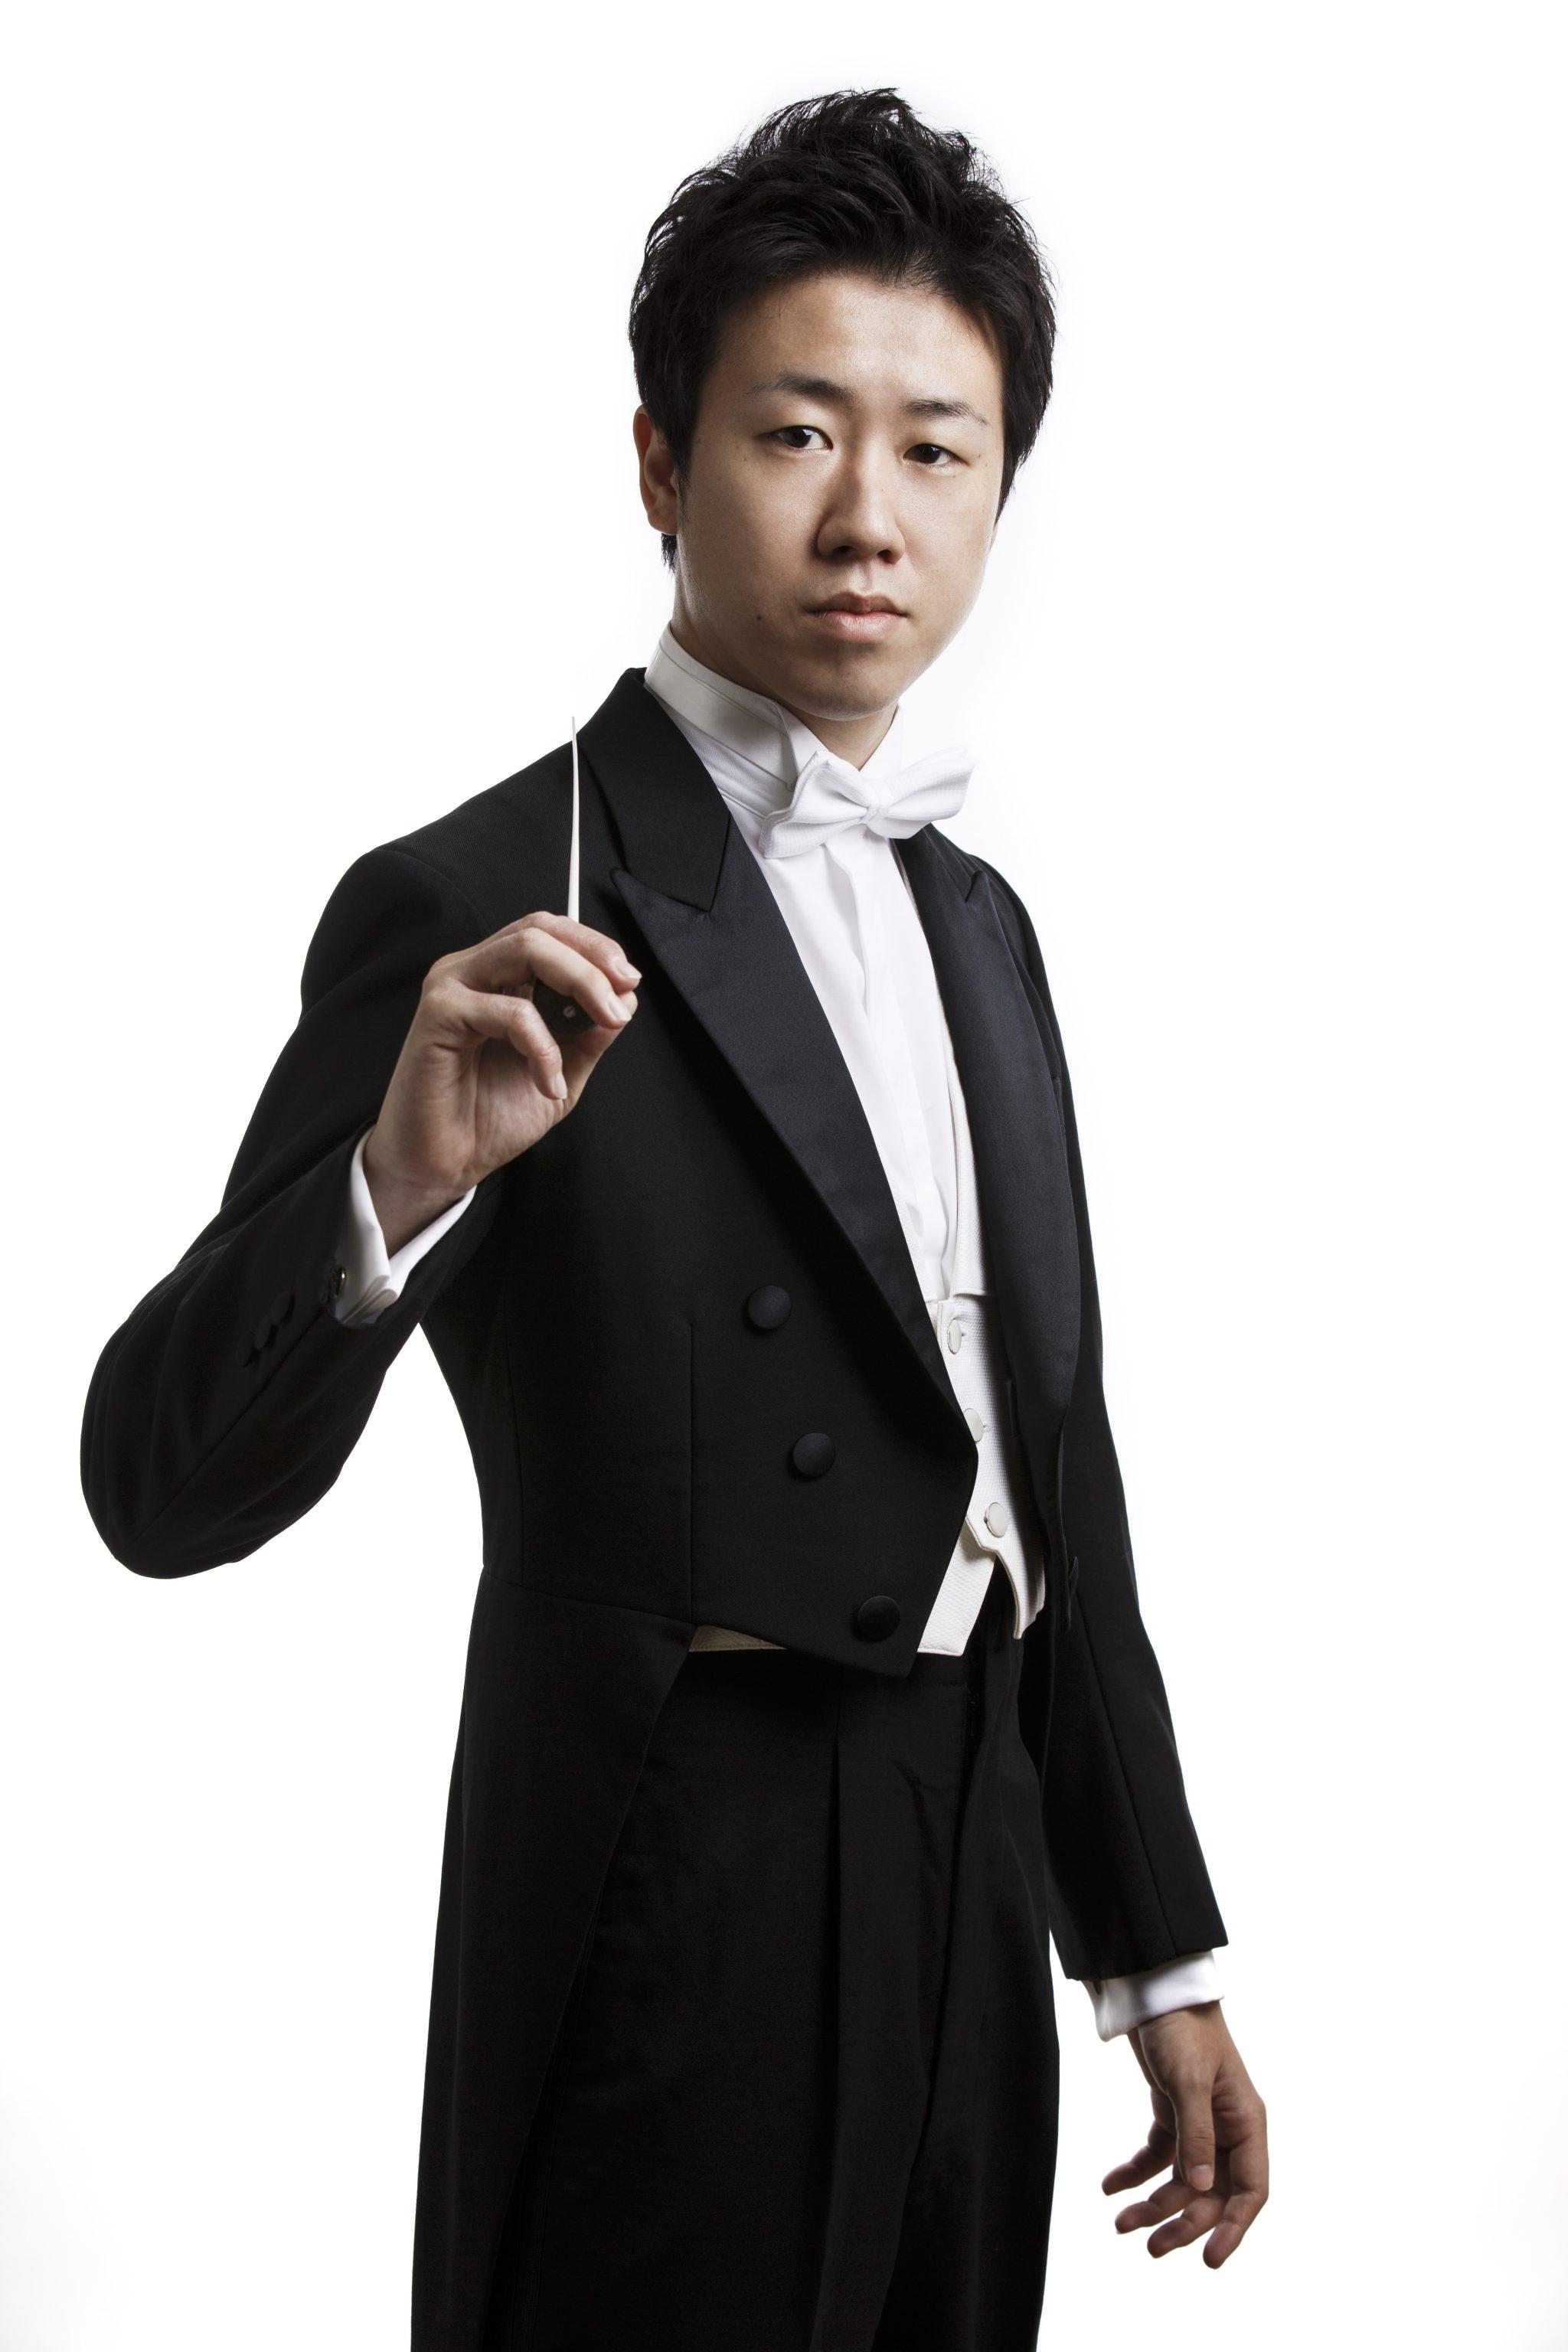 神奈川フィルハーモニー管弦楽団 定期演奏会みなとみらいシリーズ第338回